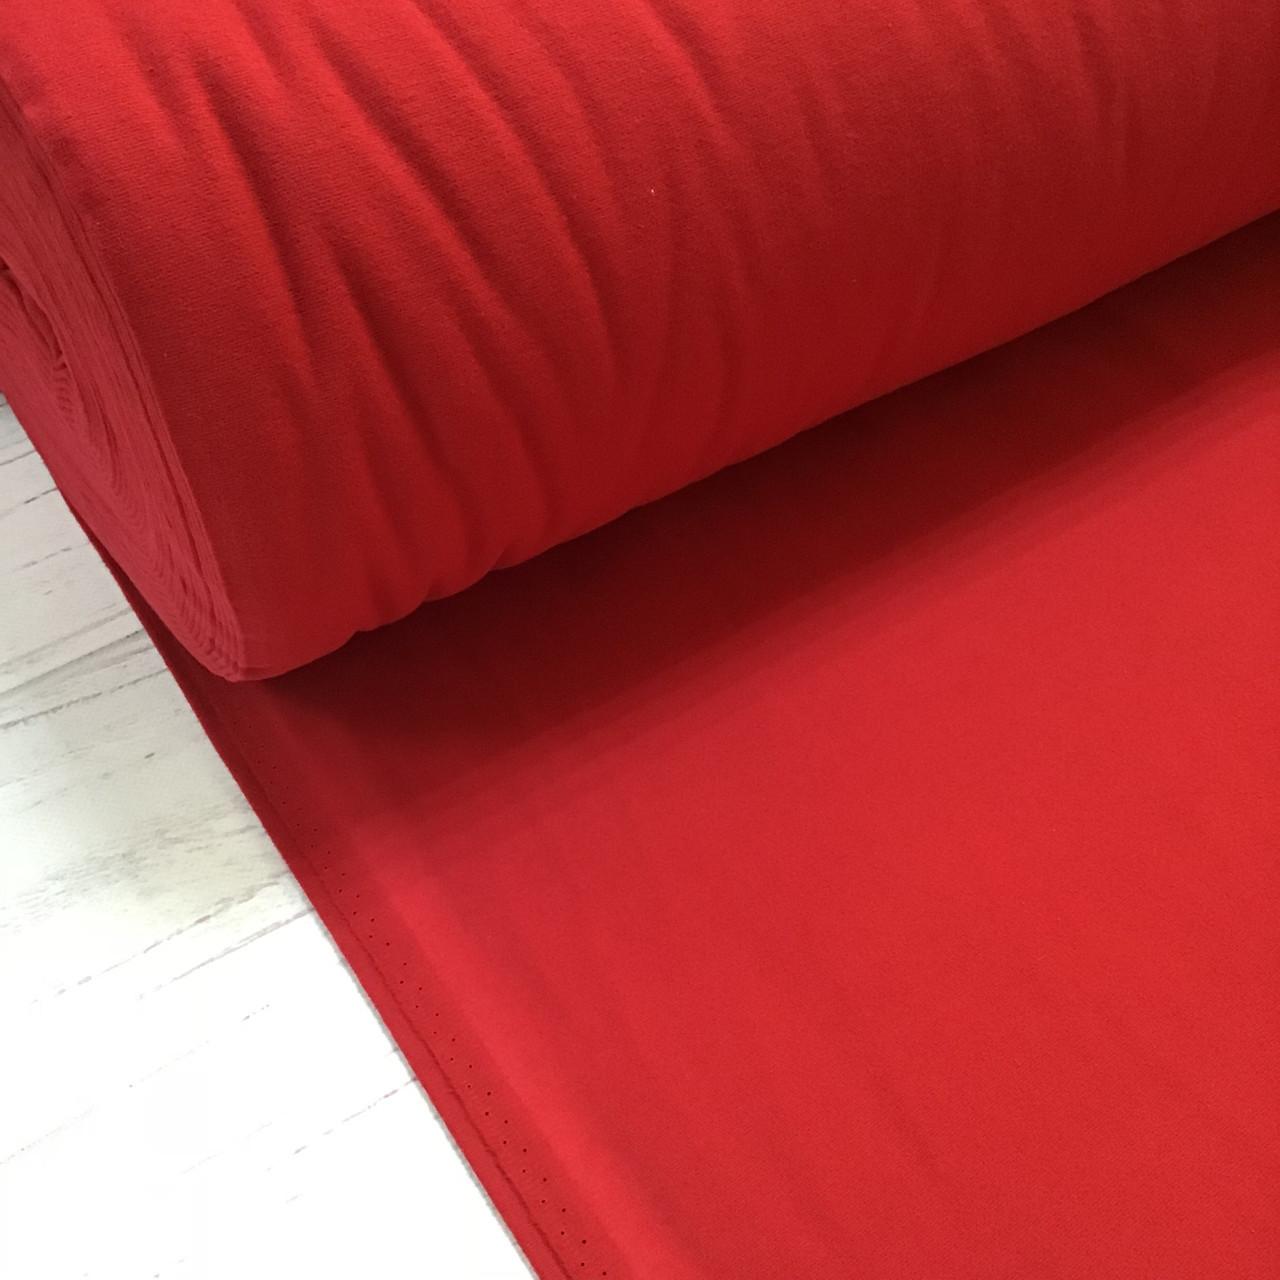 Фланелевая ткань красная однотонная (шир. 2,4 м)